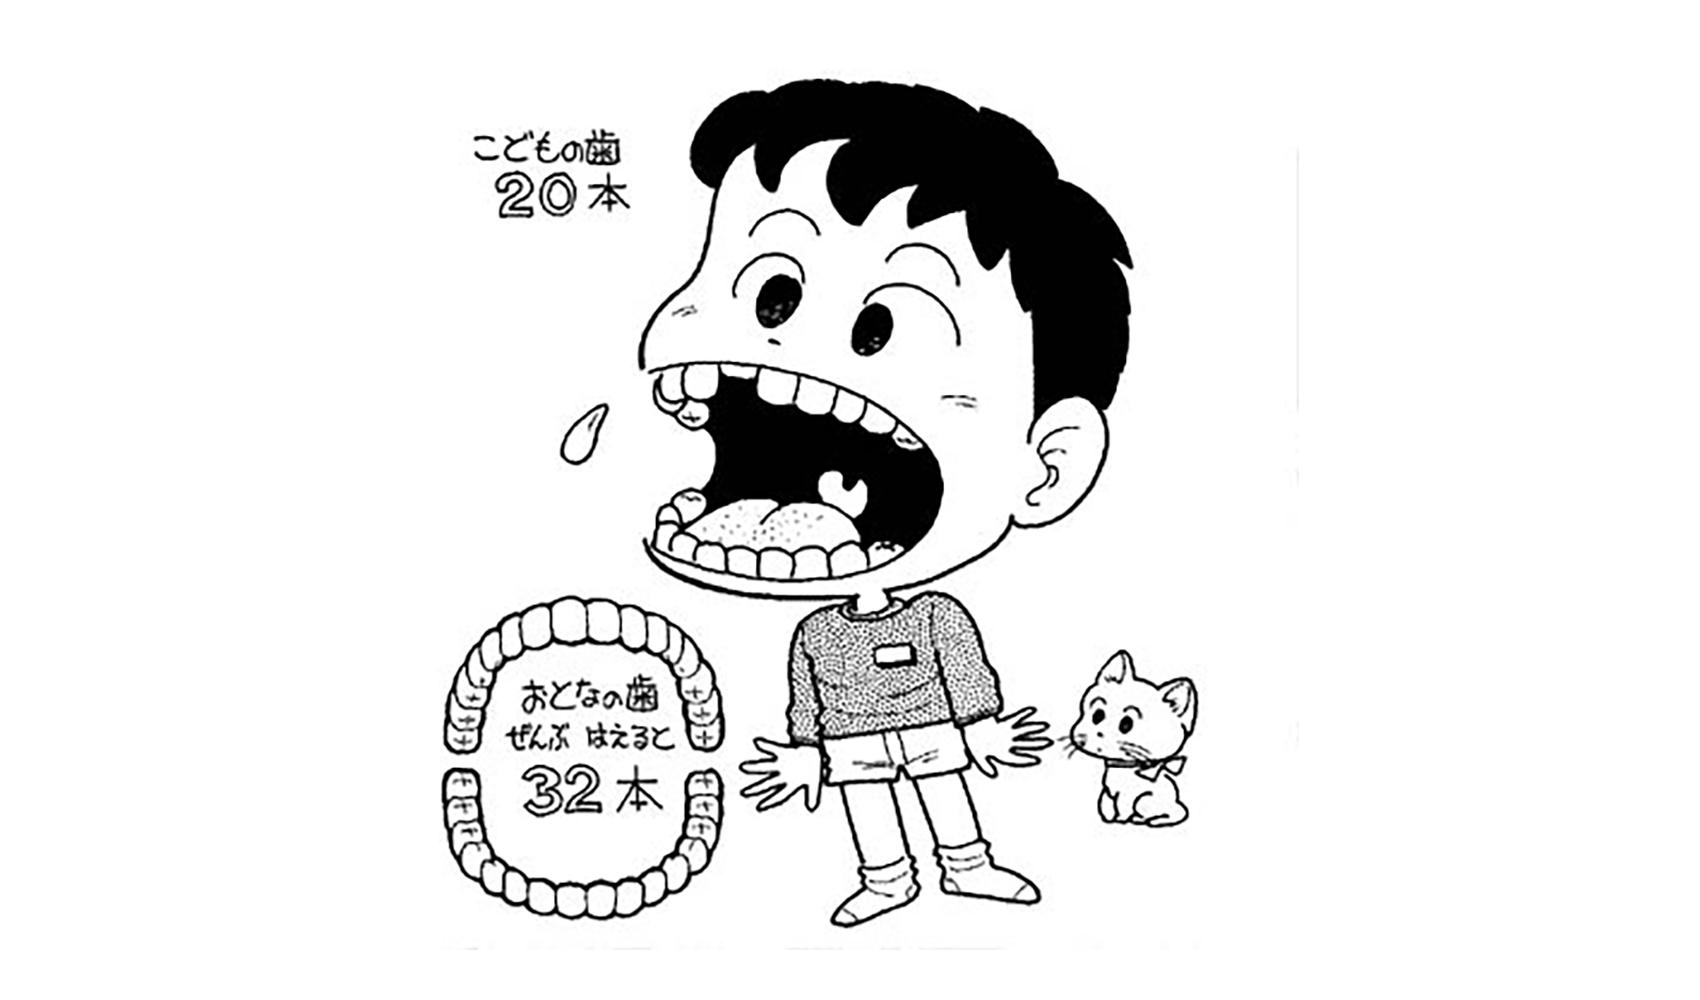 どうして子供の歯ははえかわるの(大人ははえかわらないの)